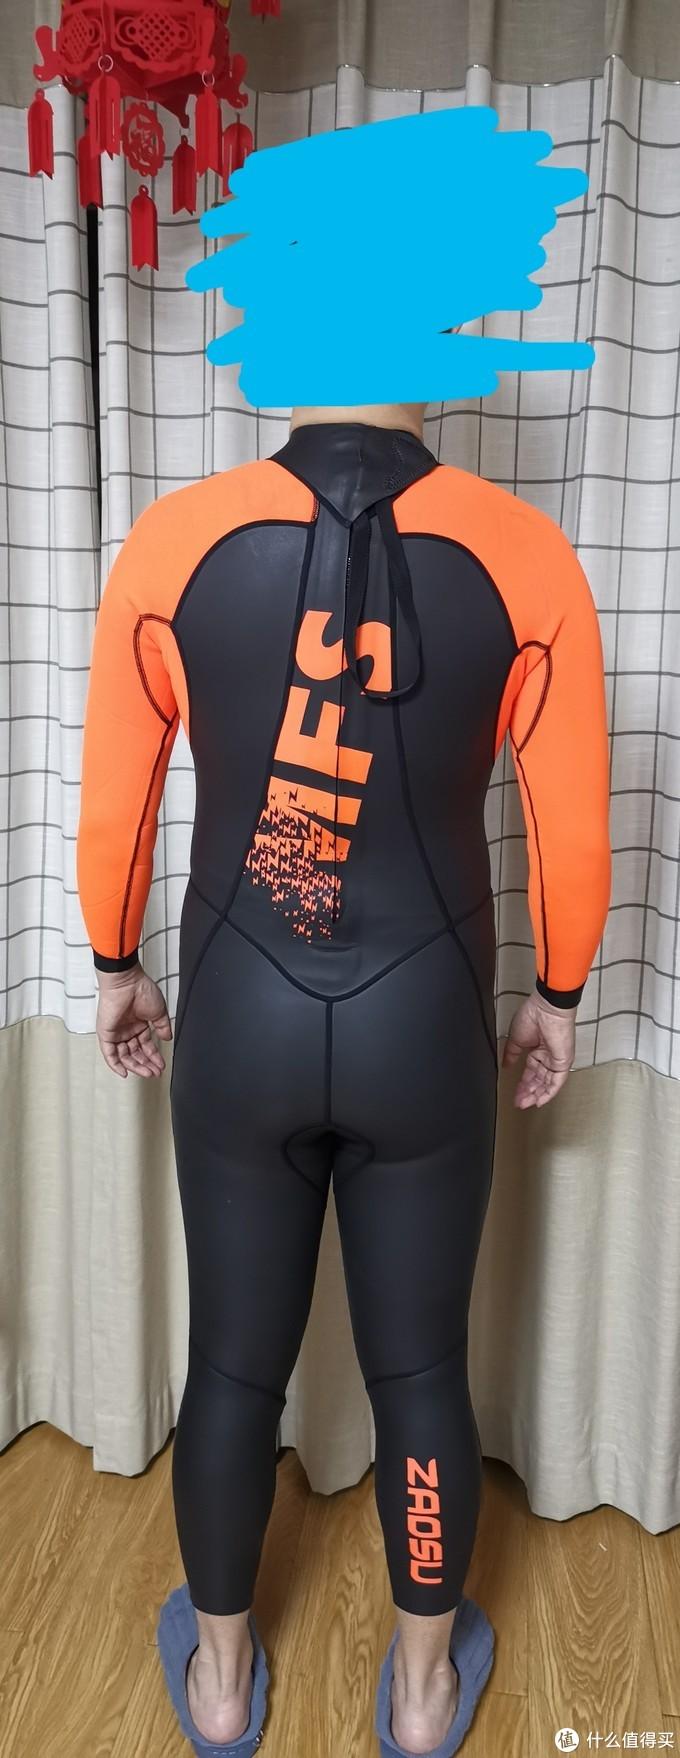 超速zaosu蛙泳胶衣、自由泳胶衣对比体验